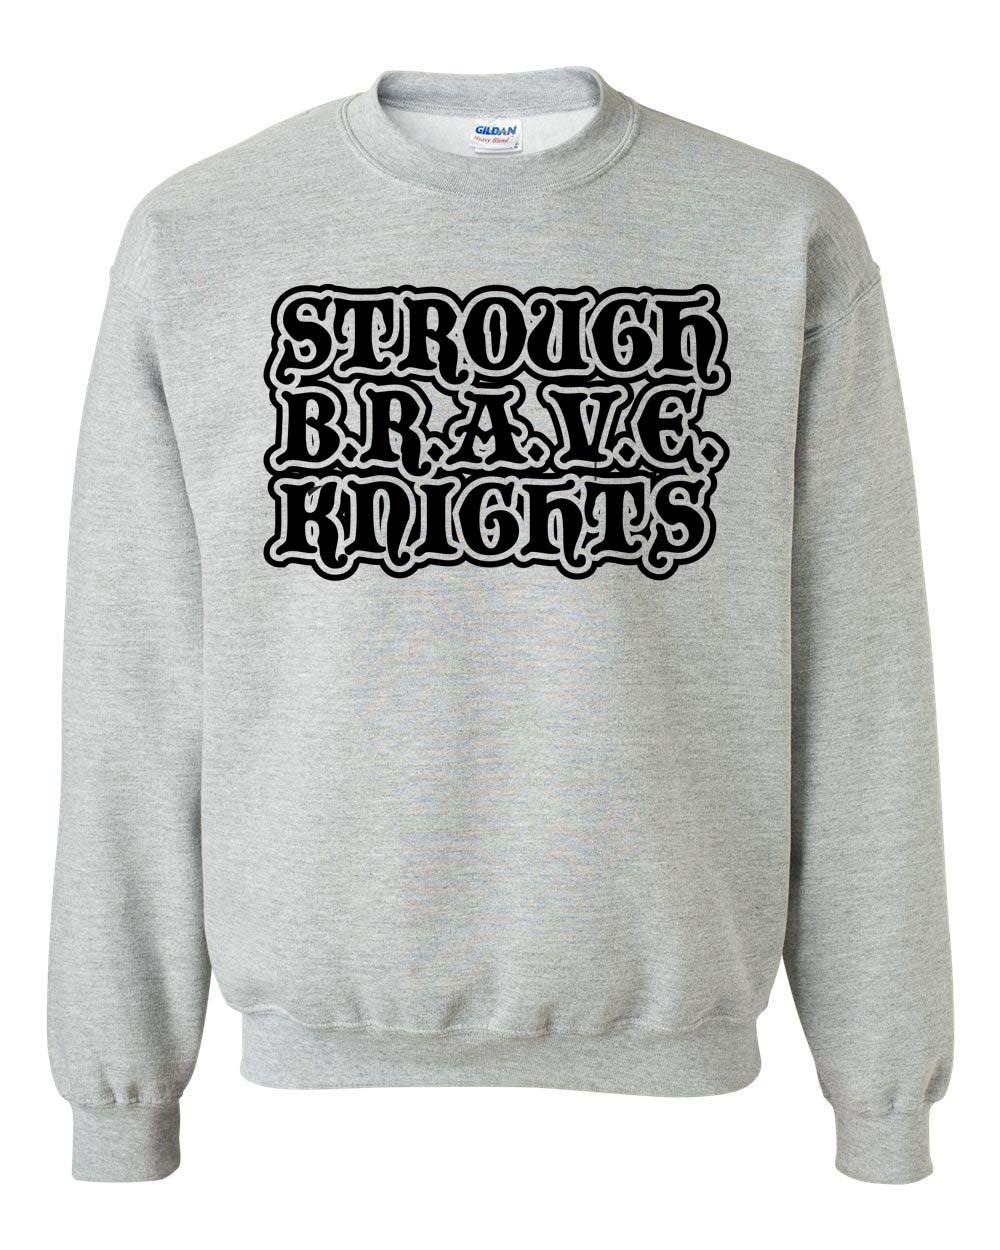 B.R.A.V.E. Knights Sweatshirt